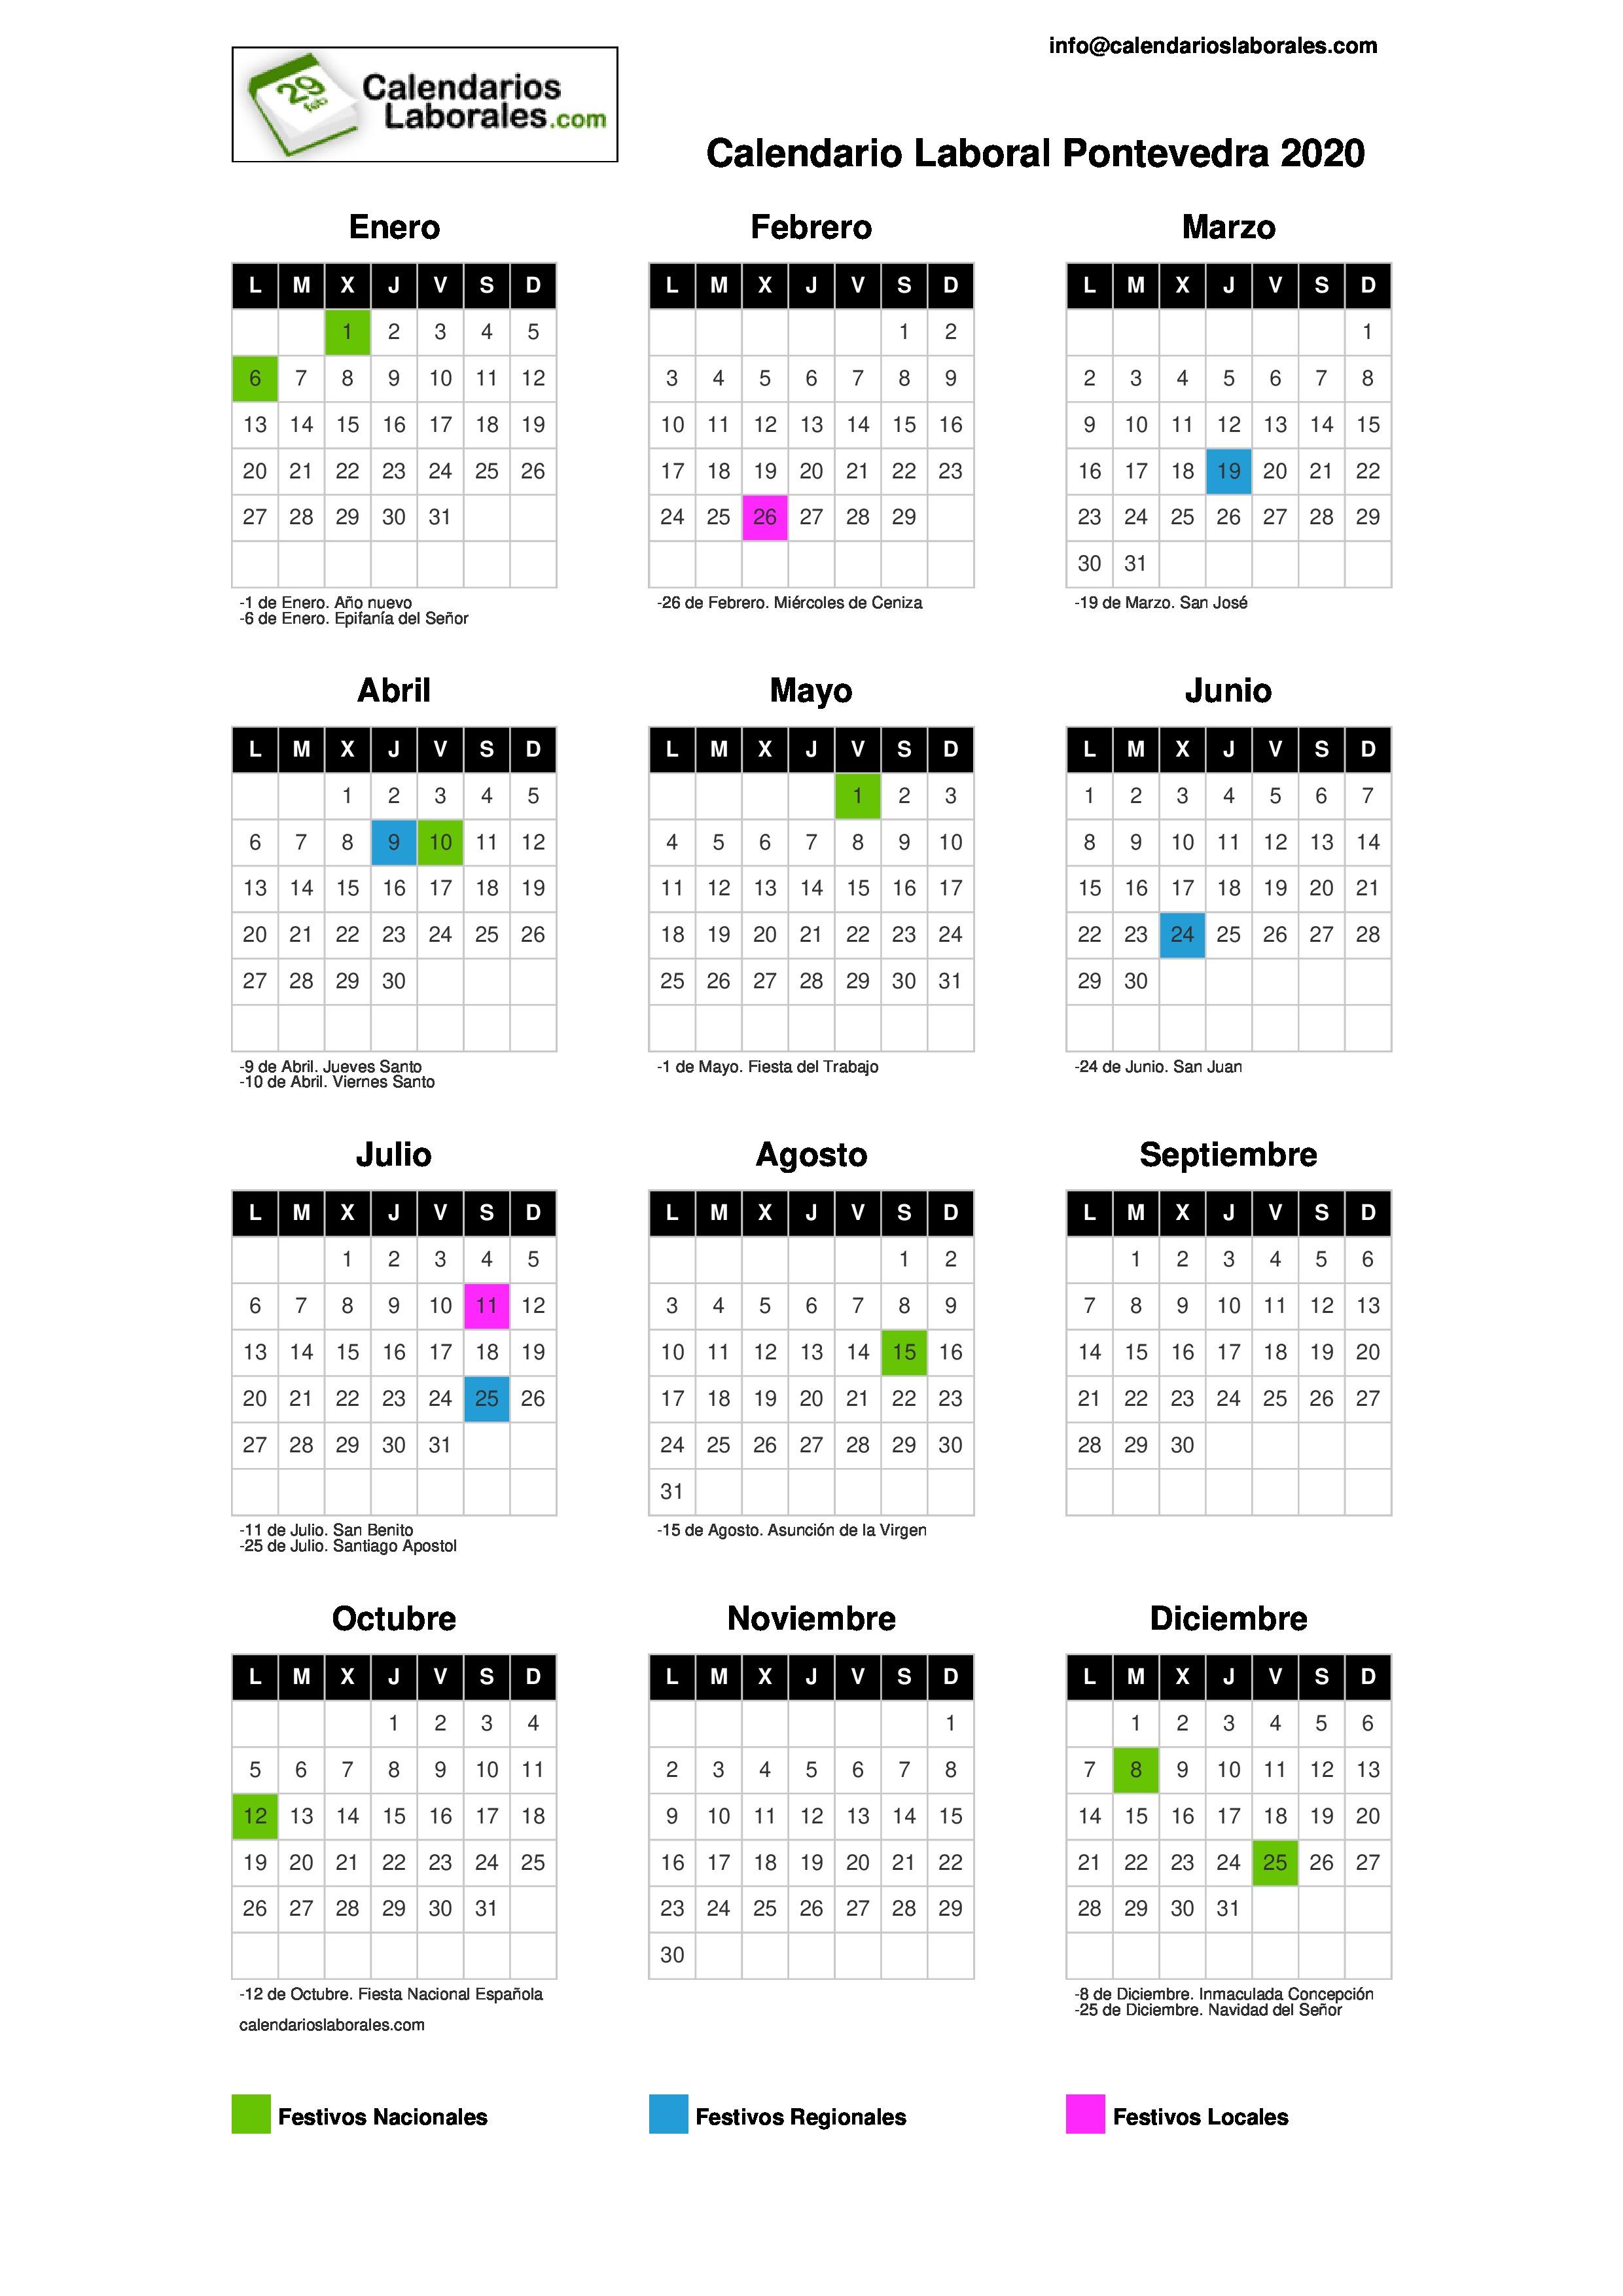 Calendario Laboral 2020 Galicia Pdf.Calendario Laboral Pontevedra 2020